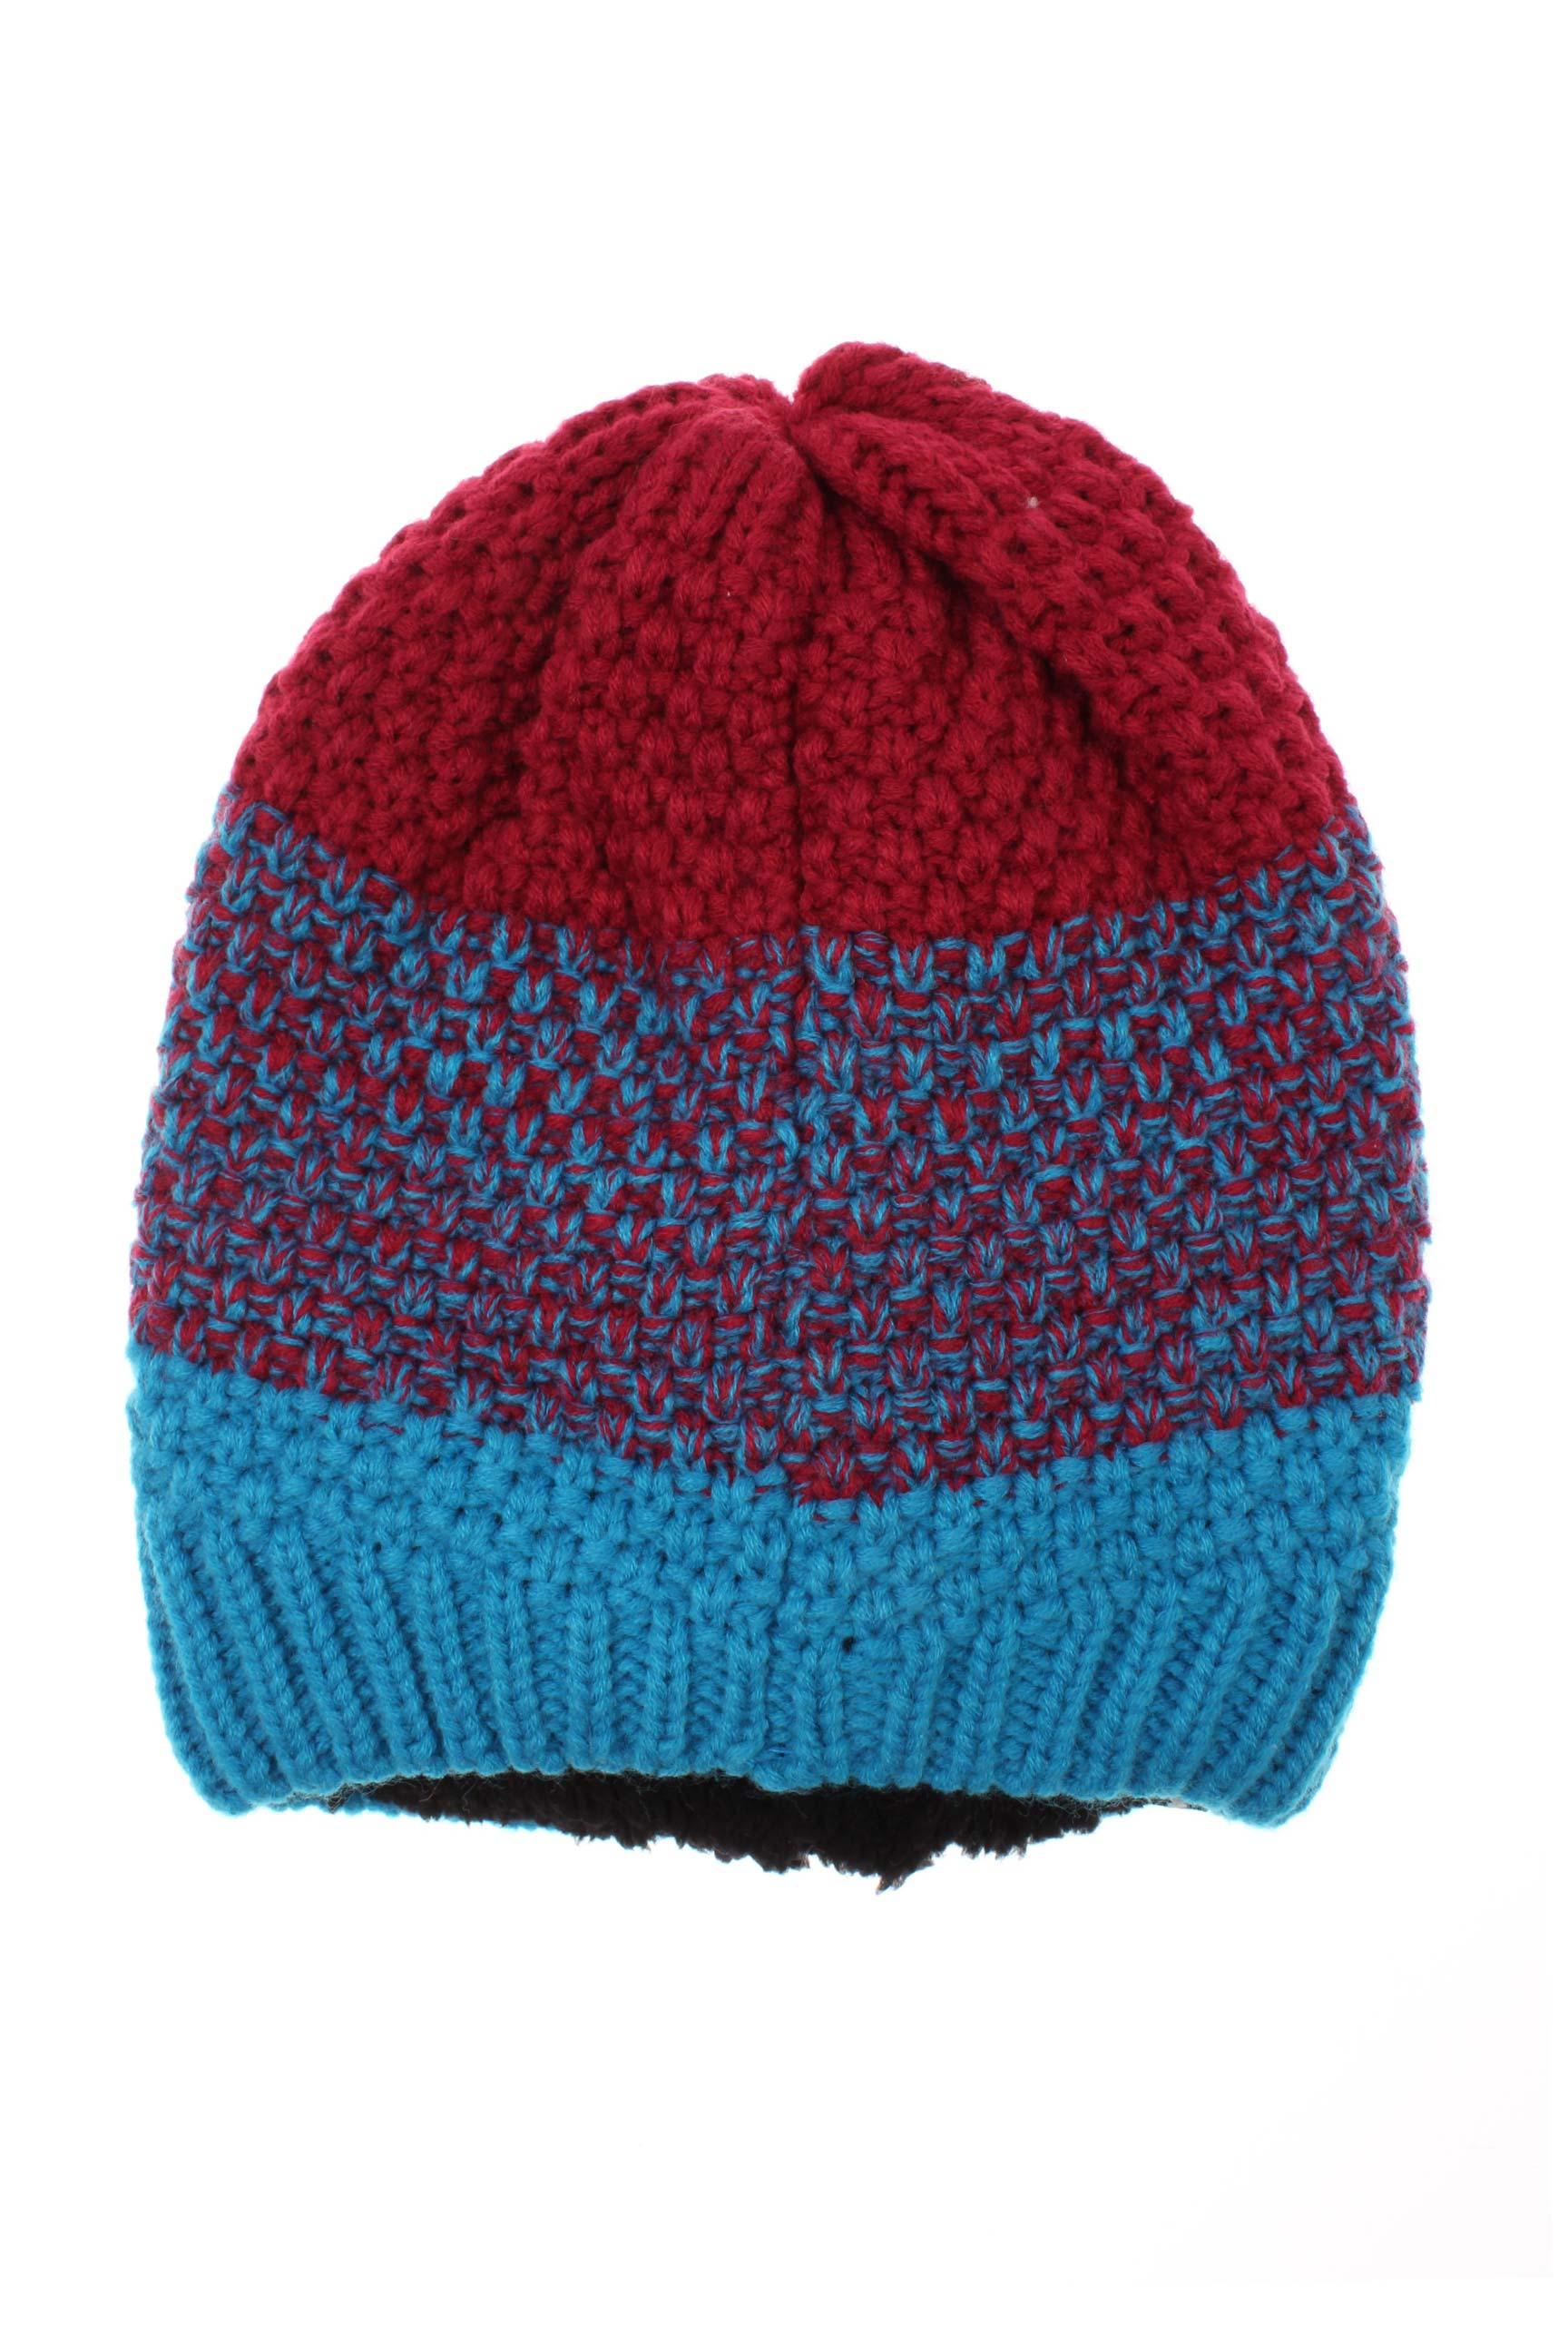 photos officielles 1f48e 2662b BREKKA Accessoires Bonnets de couleur bleu en soldes pas cher  1118553-bleu00 - Modz